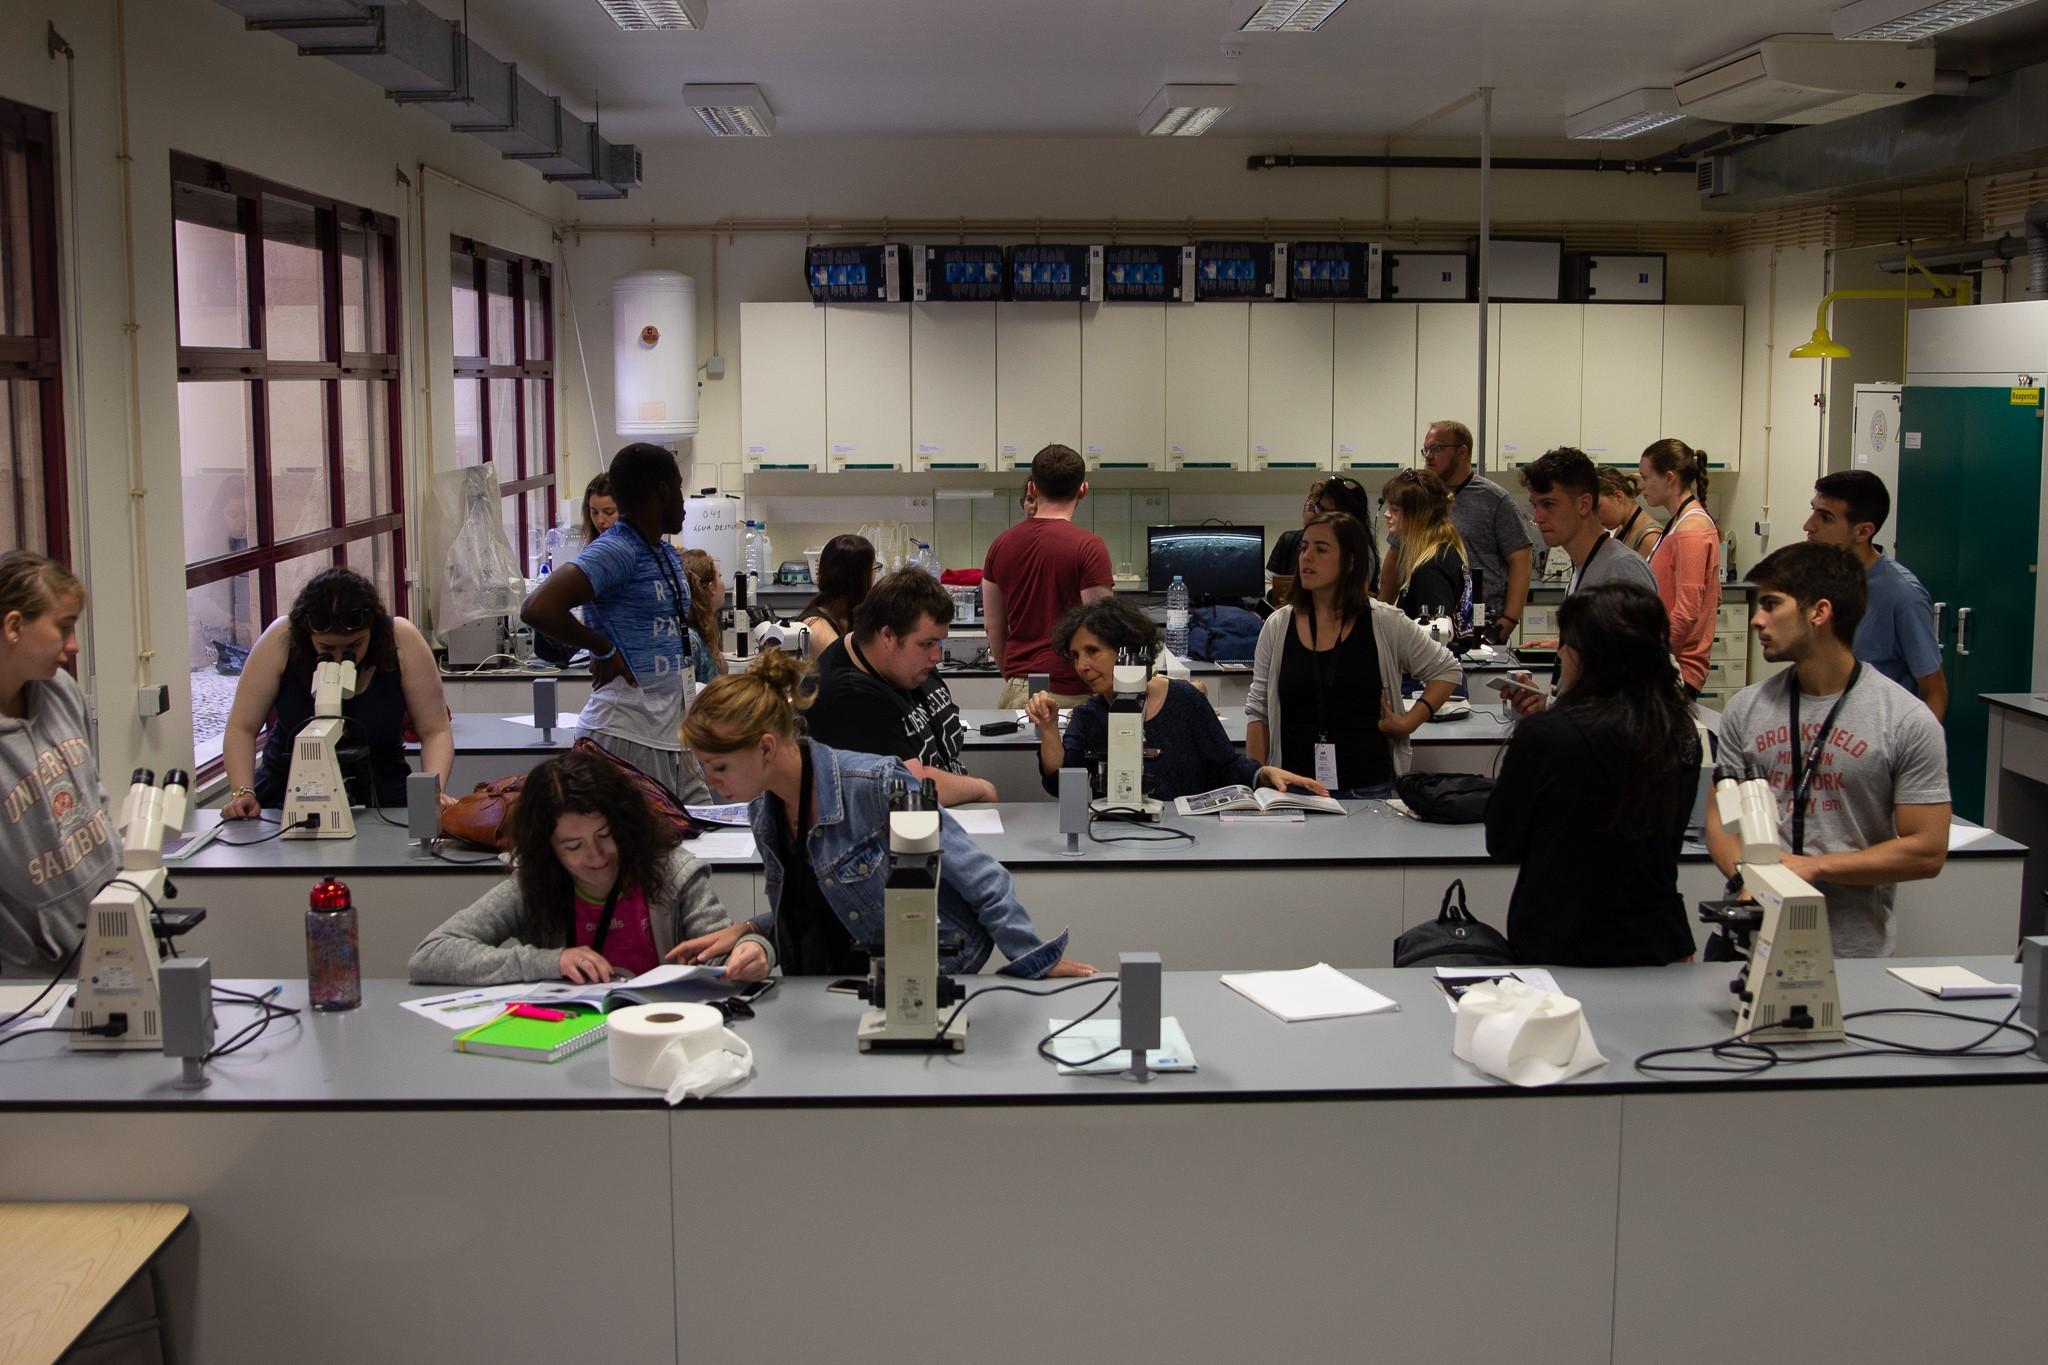 Alunos em sala de aula na Universidade do Algarve antes da pandemia